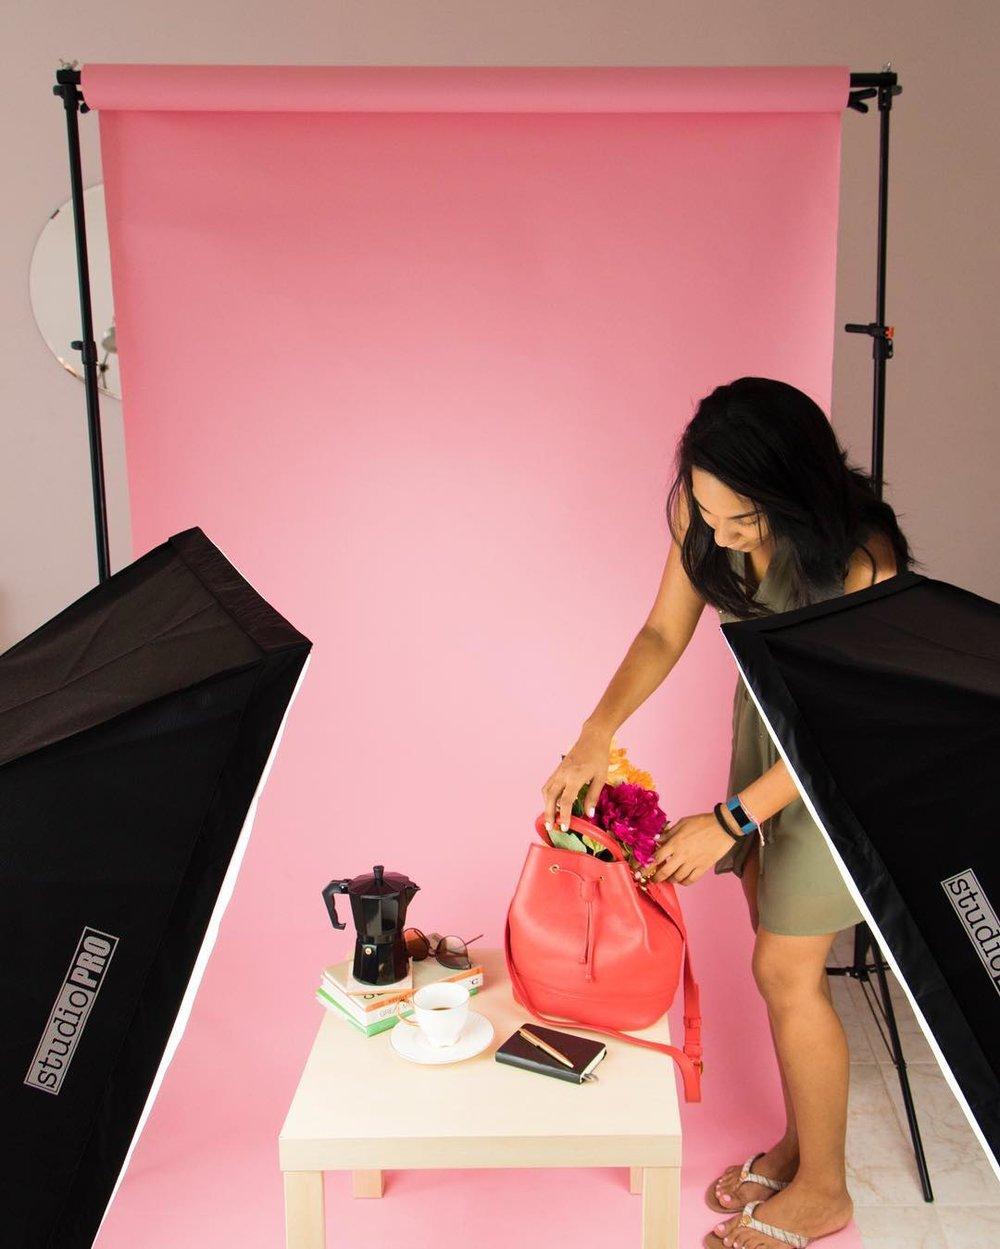 Si quieres empezar en la fotografía de productos necesitas un equipo básico que te ayude a lograr fotos hermosas y de calidad. Descubre cuáles cámaras, luces, reflectores y fondos te recomendamos para que empieces a hacer tus fotos tu mismo.